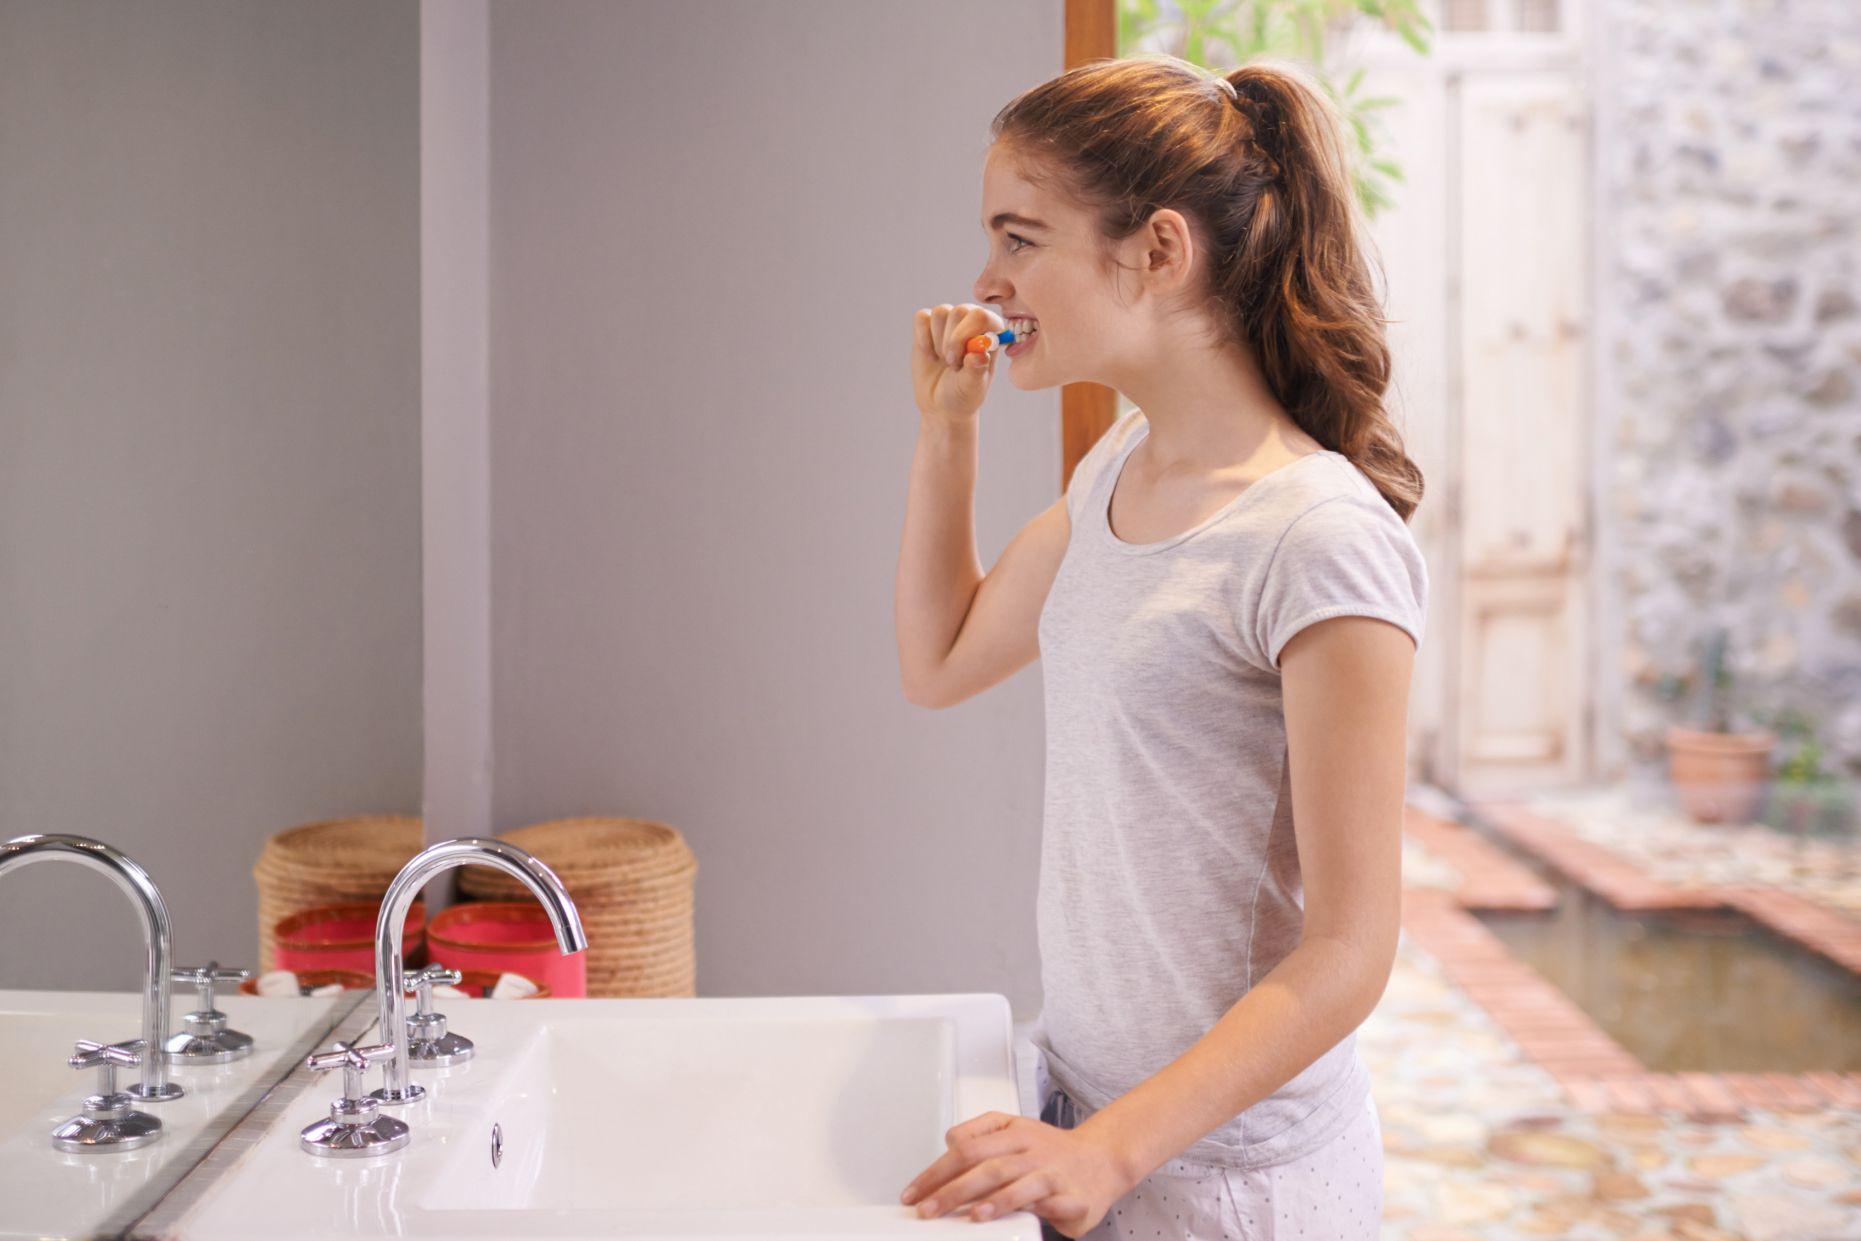 How To Teach Your Teen Good Hygiene